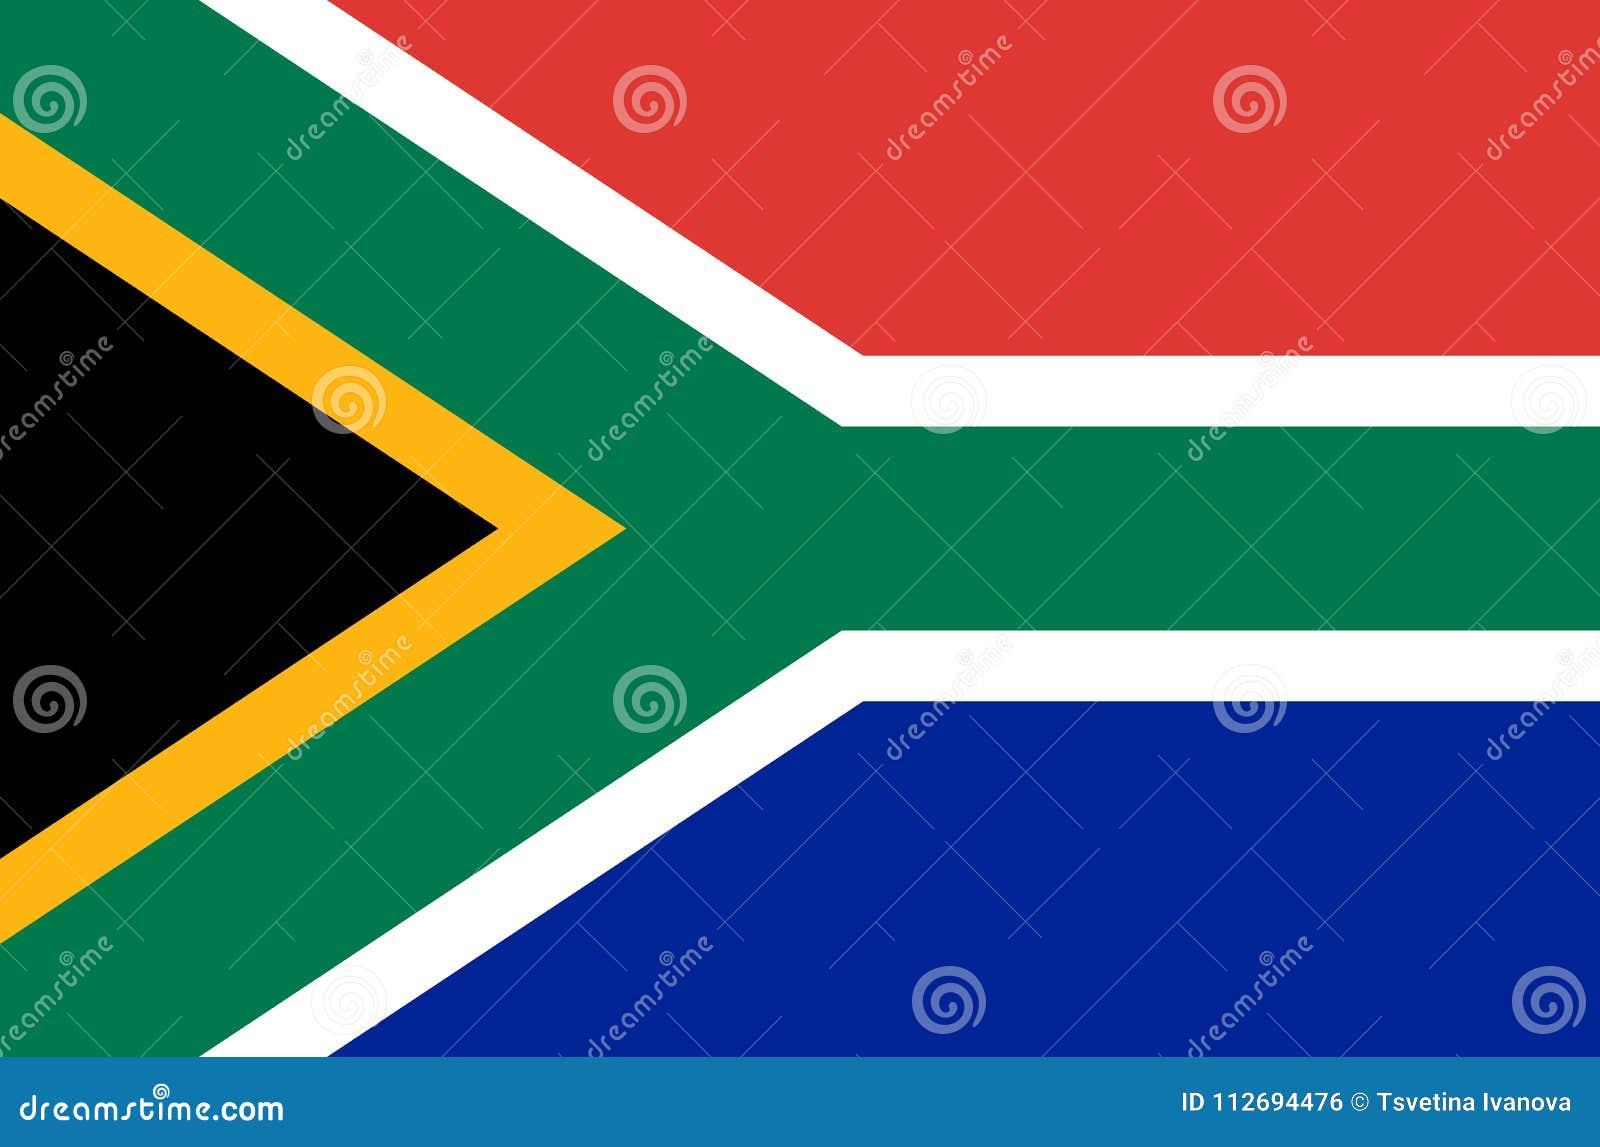 Południe - afrykańska flaga państowowa, urzędnika południowi Africa ścisli kolory flaga